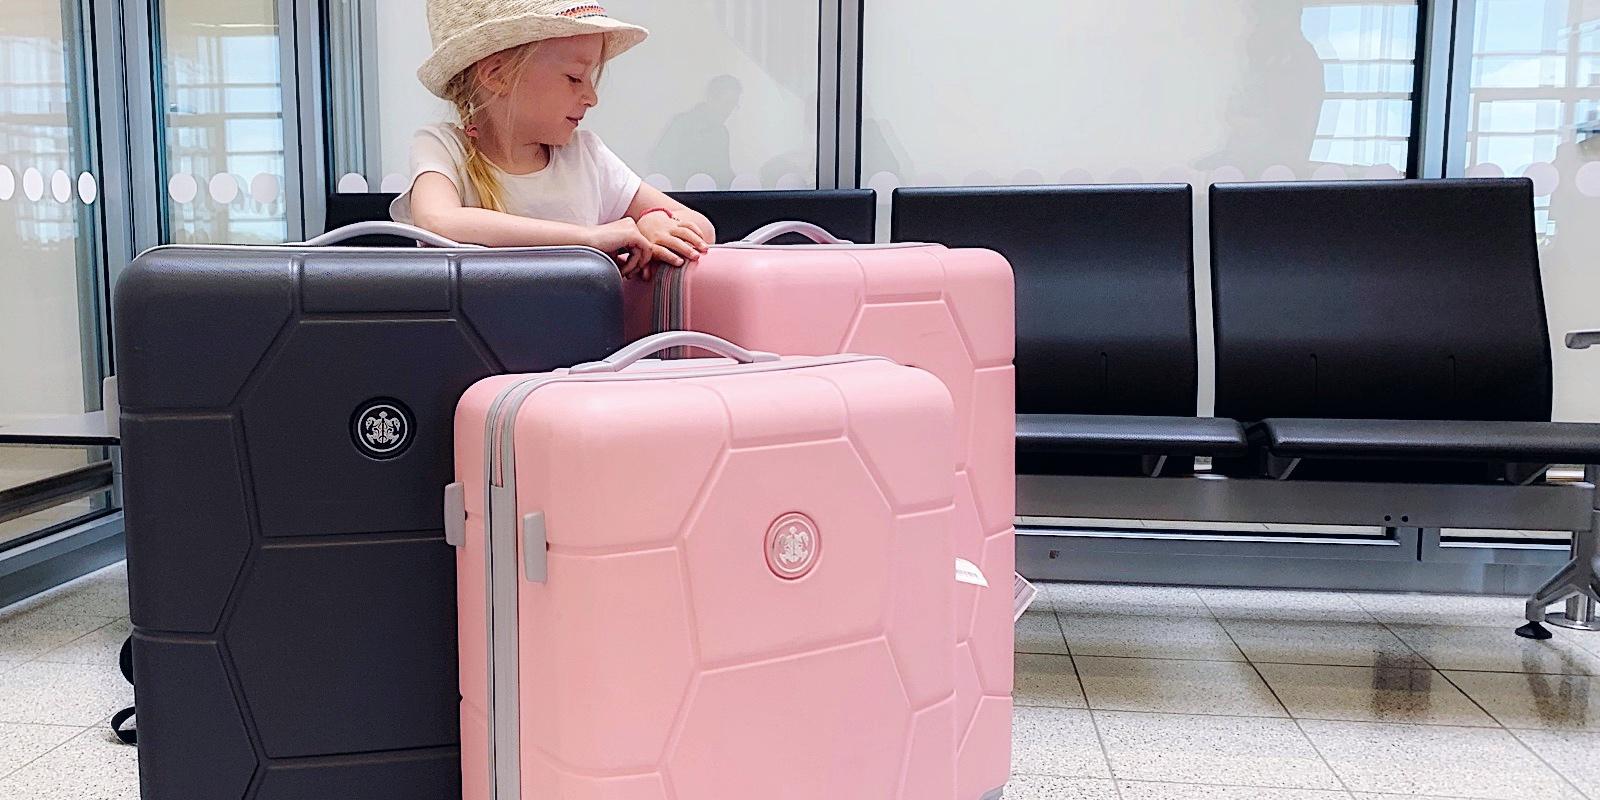 Wenn aus Liebe Leben wird - Travel - Reisen mit Kindern - Koffer packen